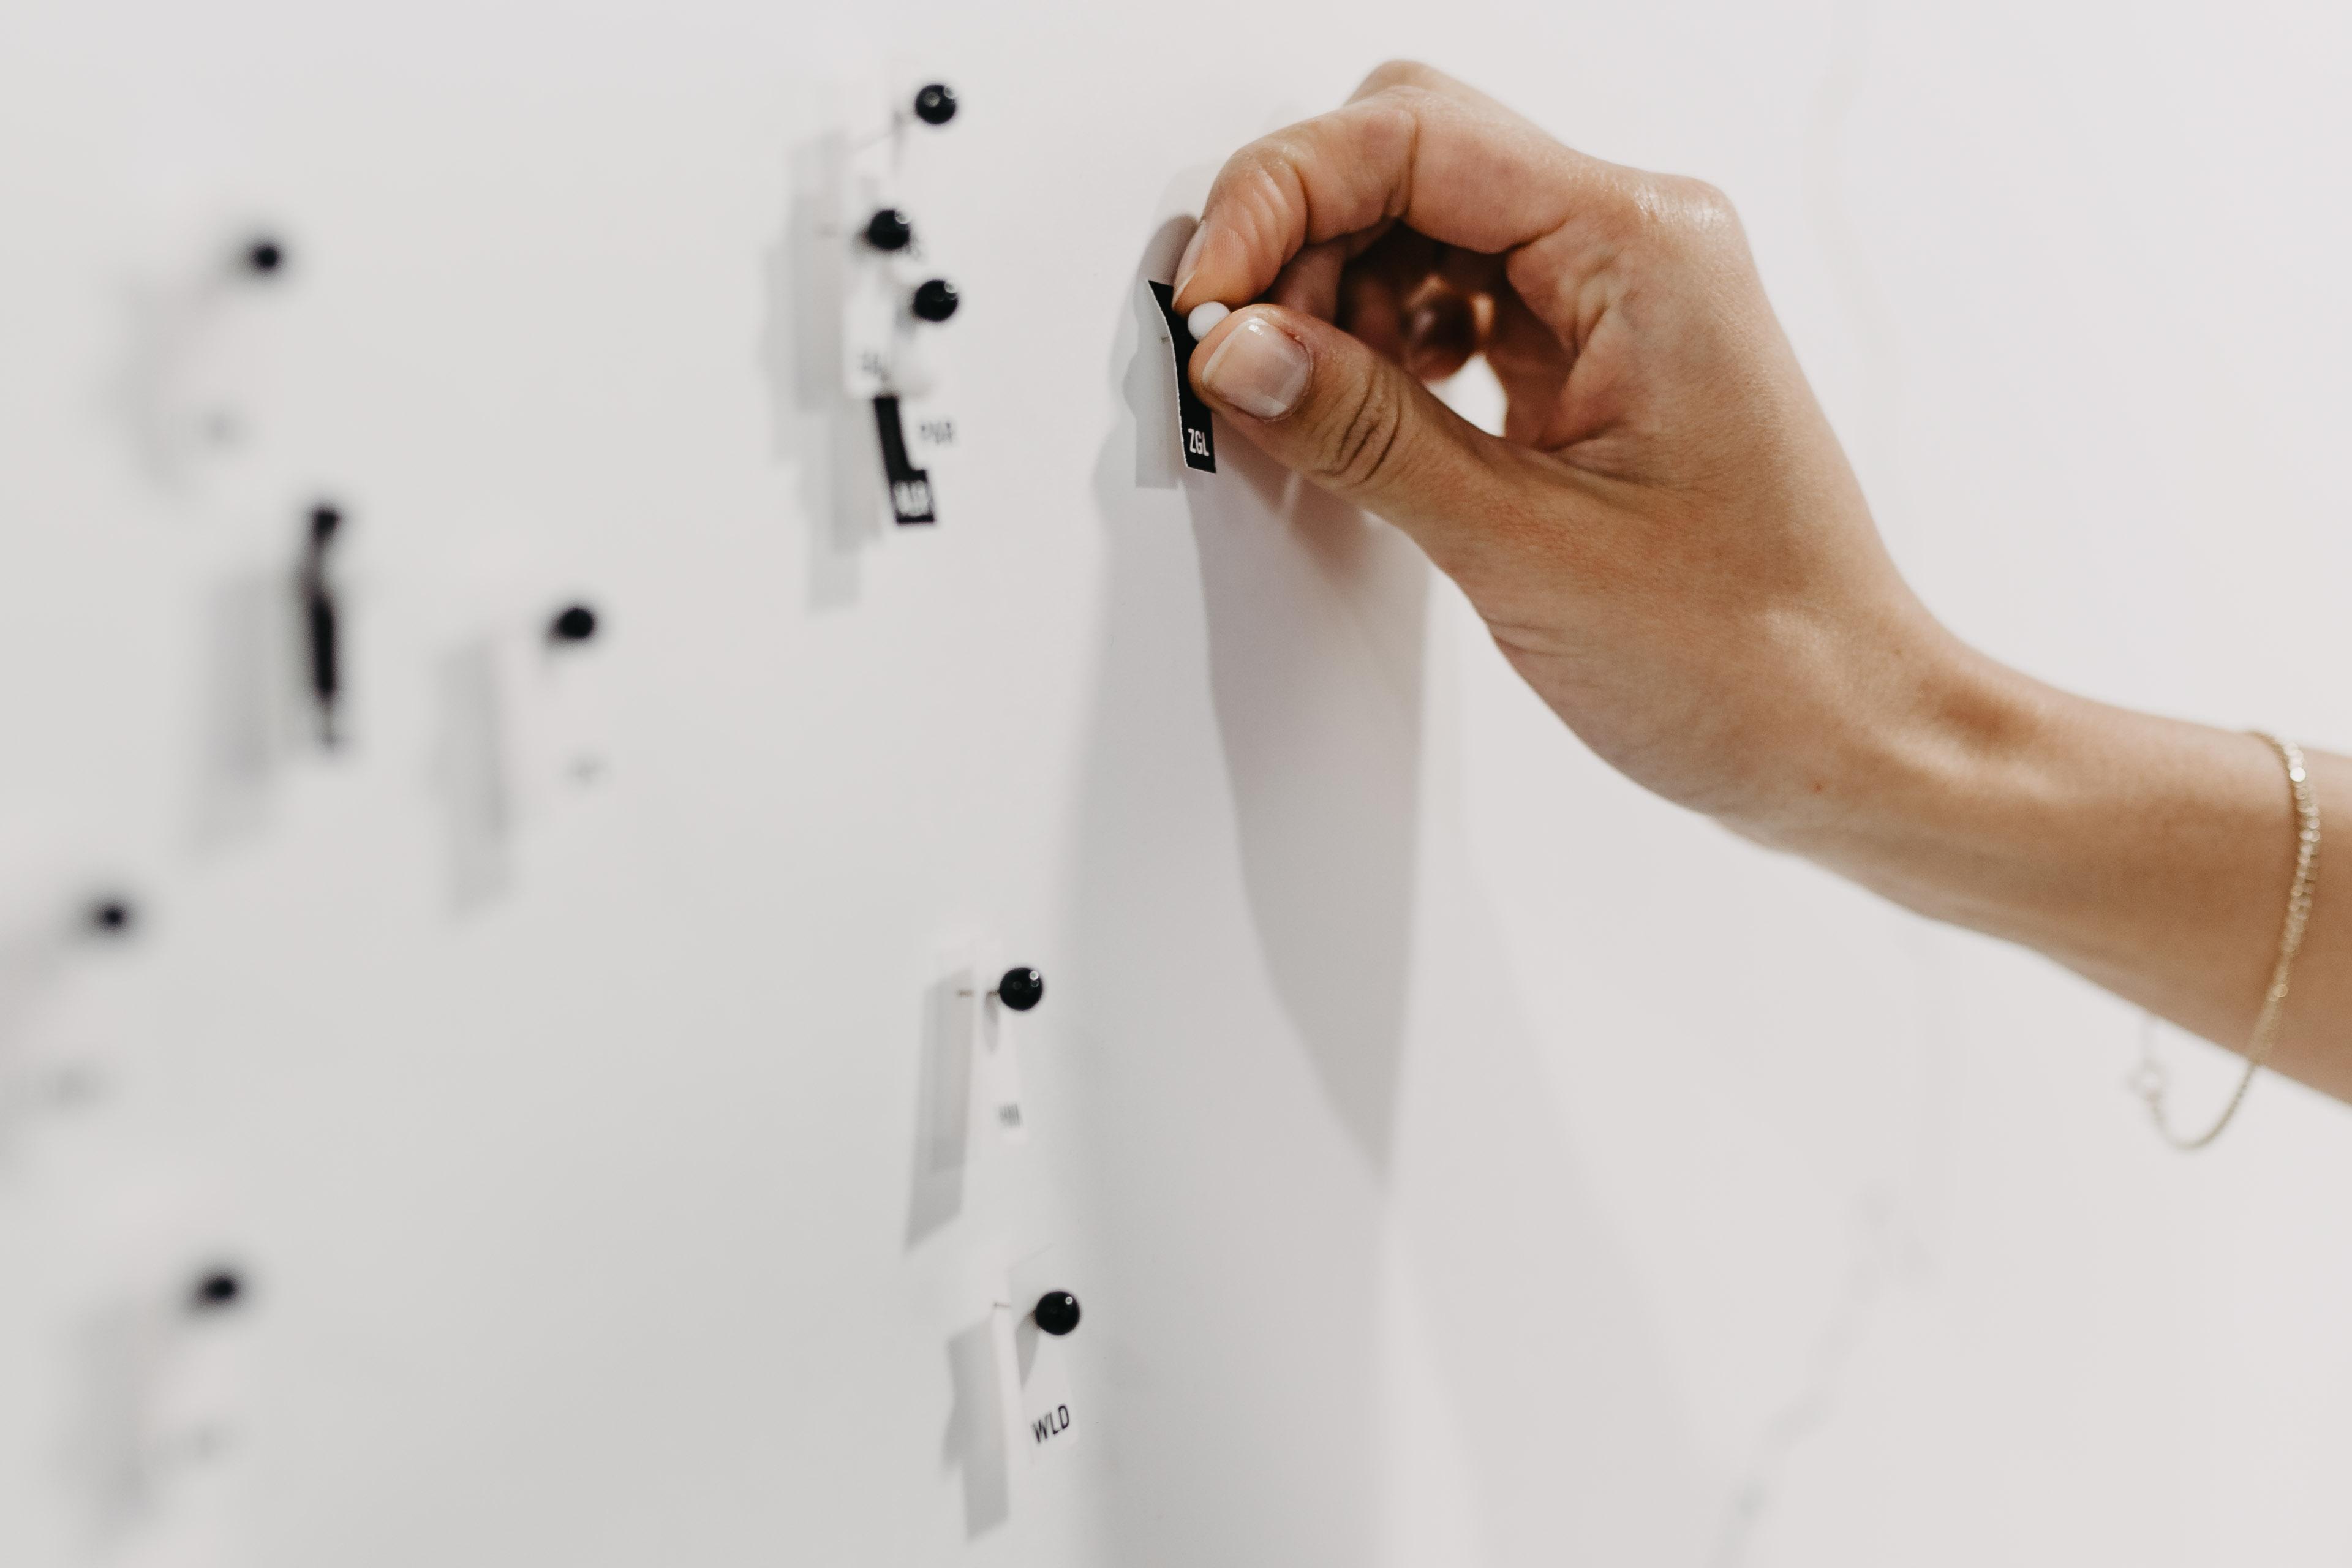 Eine Hand pinnt Stecknadeln an die Wand.